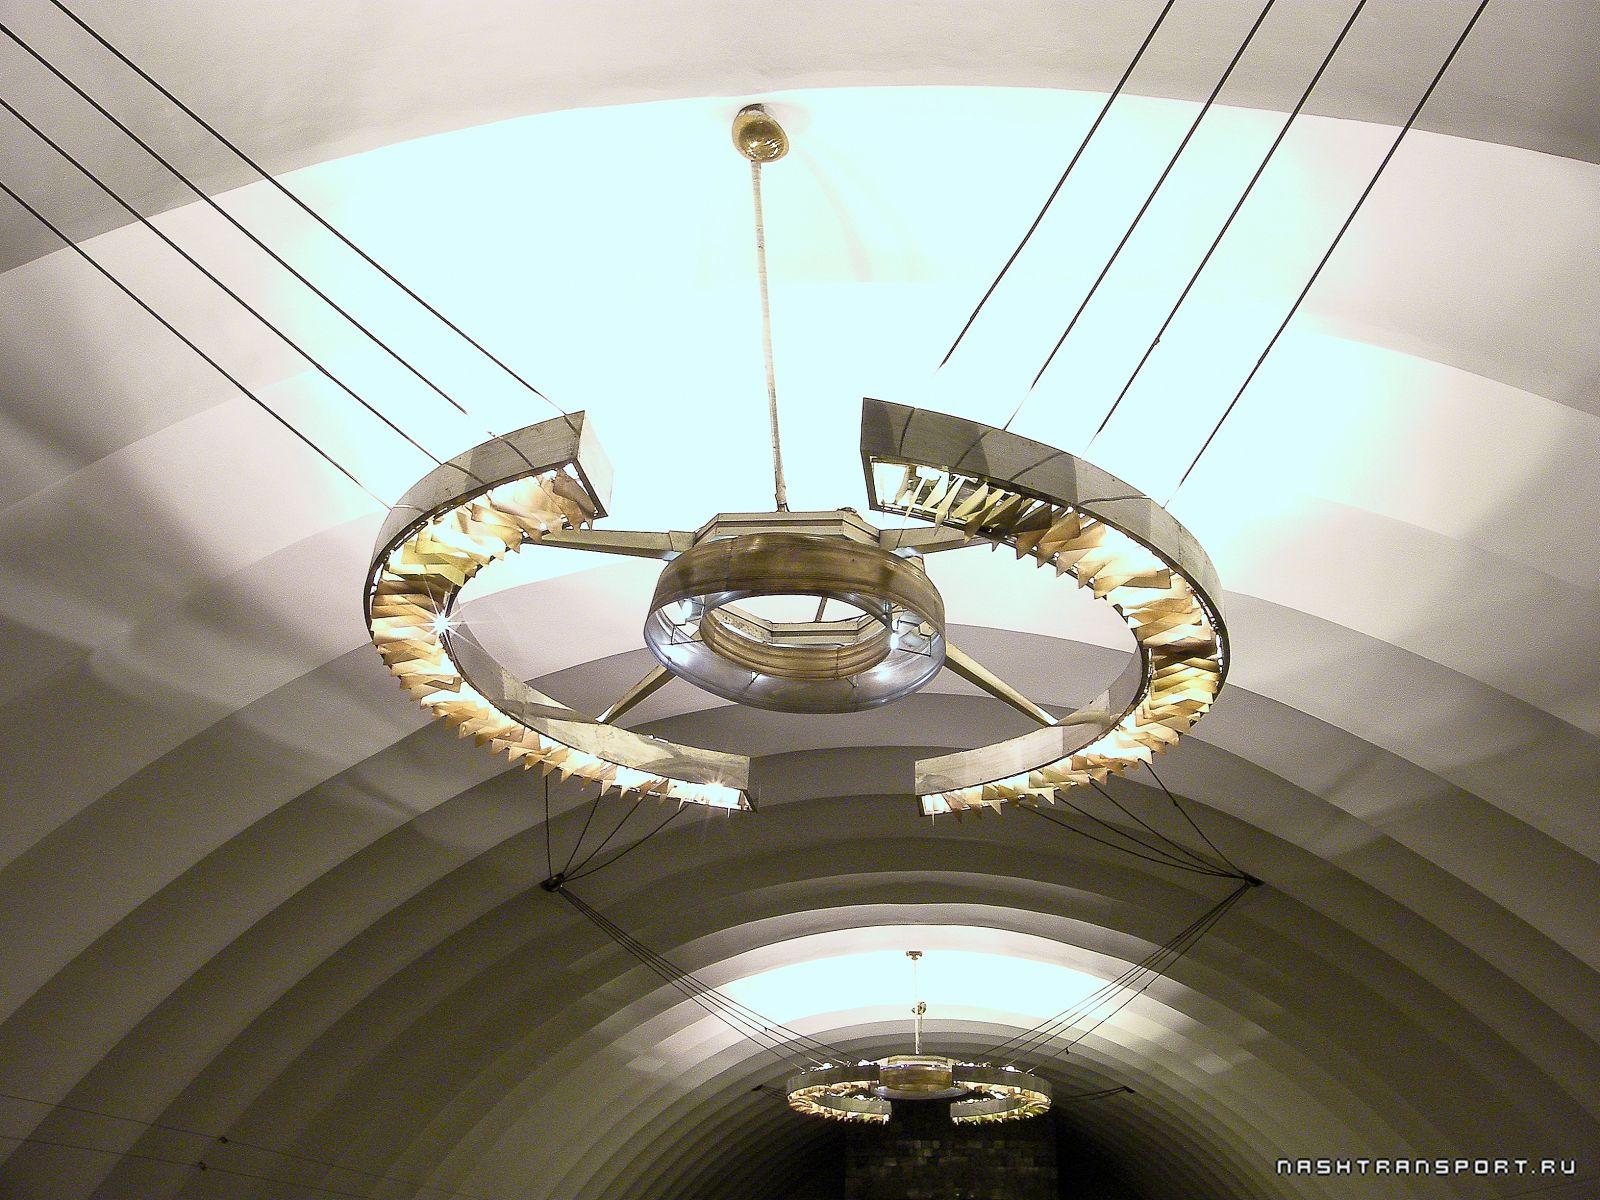 станция метро новочеркасская картинки данные